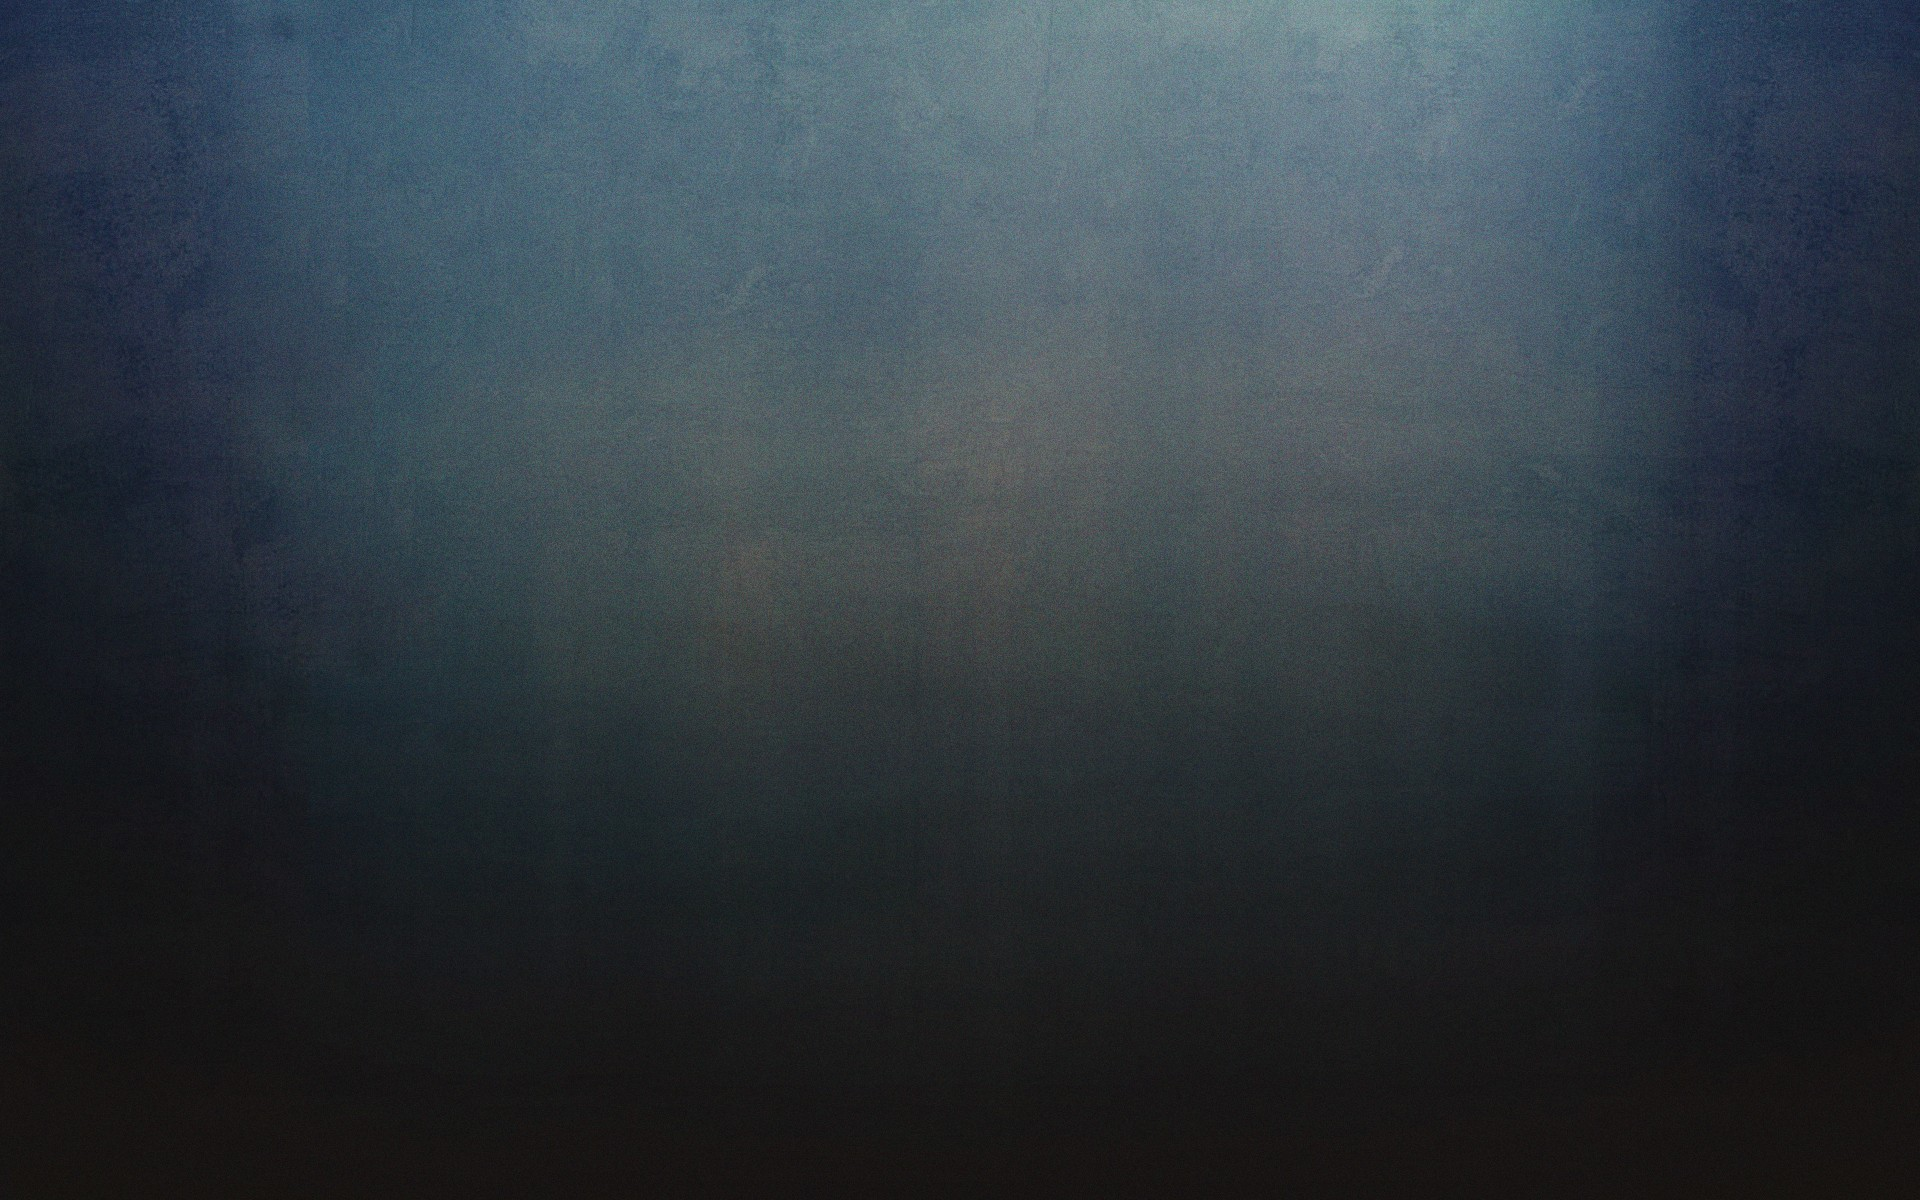 Minimalistic Dark Wallpaper Minimalistic, Dark